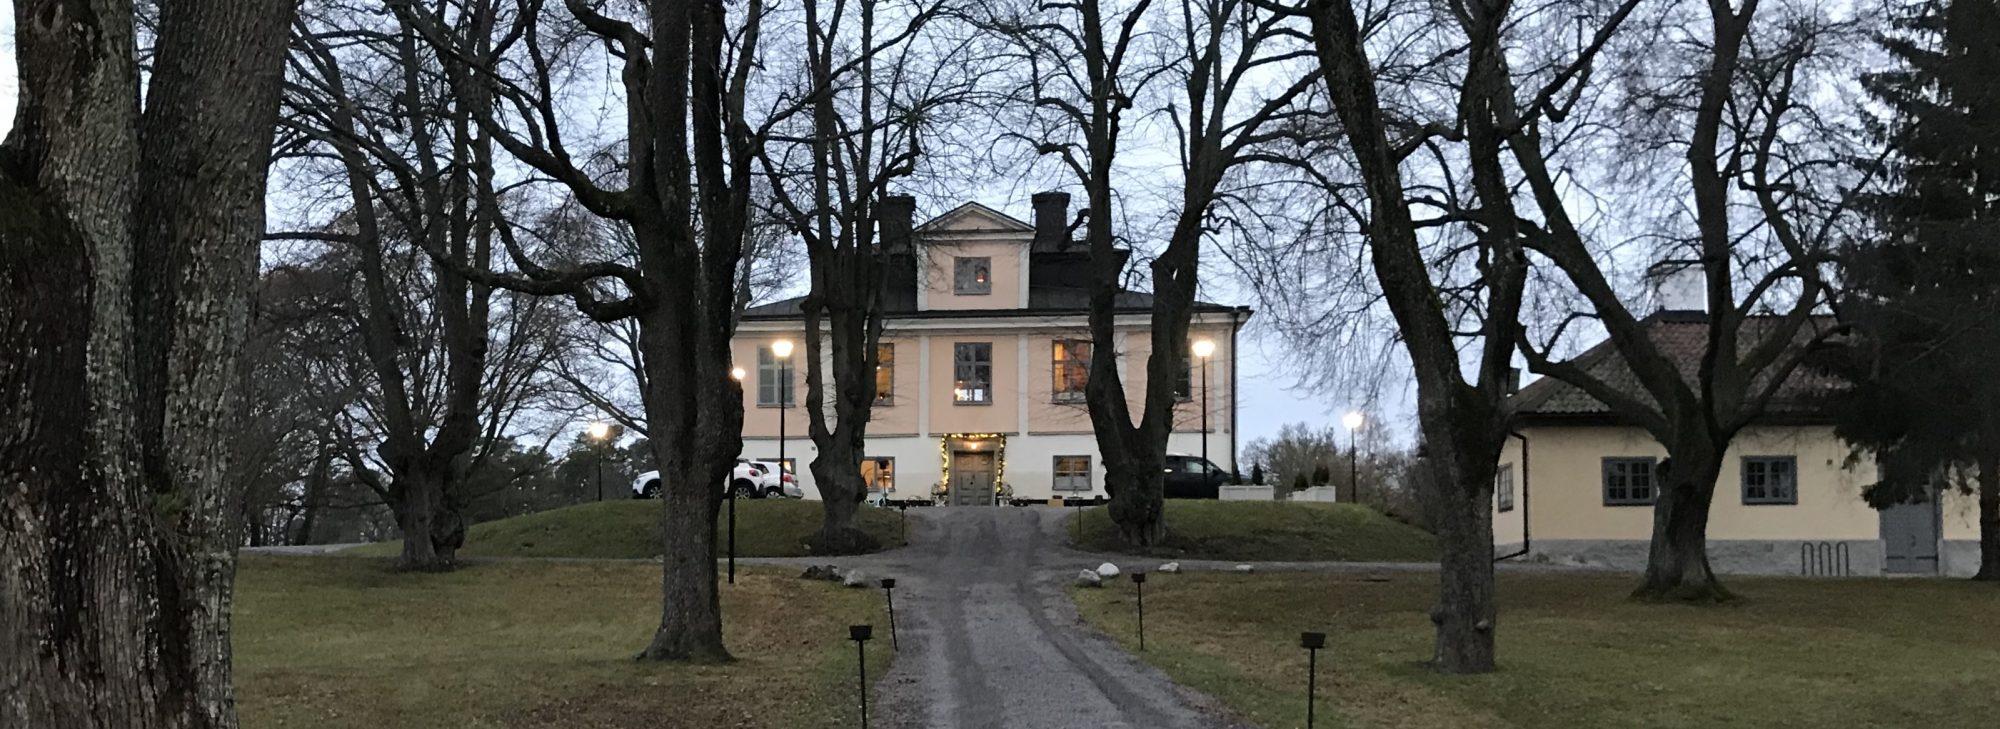 Norra Ängby Trädgårdsstadsförening